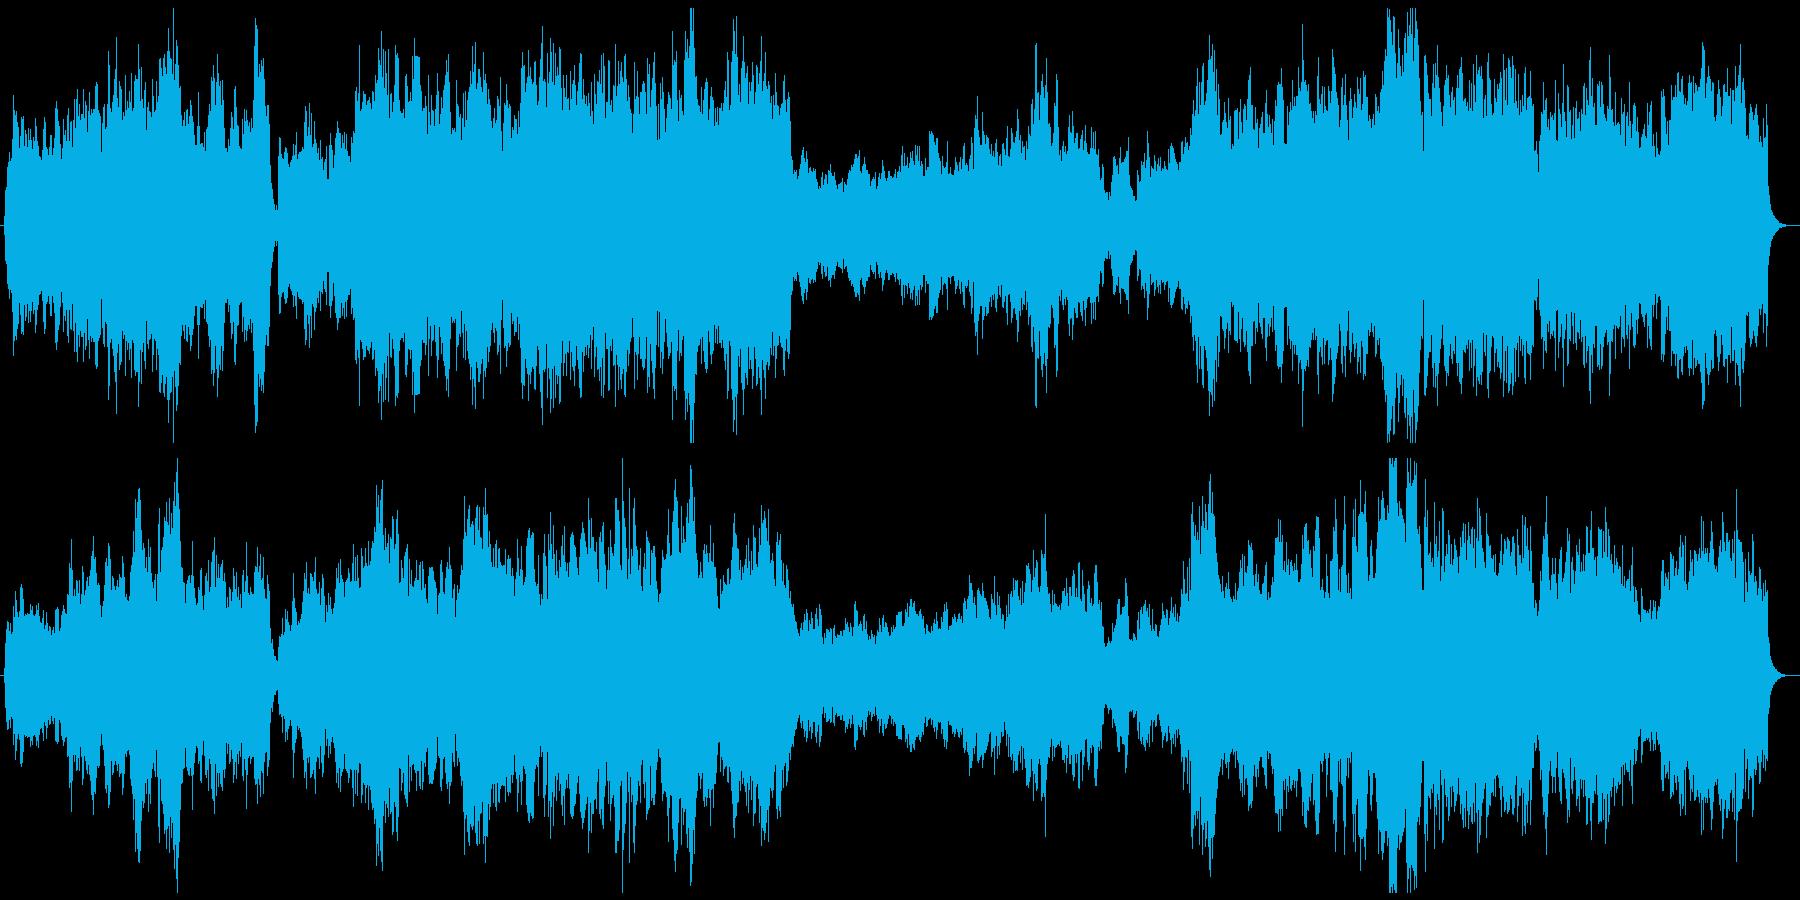 幻想的な物語の始まりを告げる曲の再生済みの波形